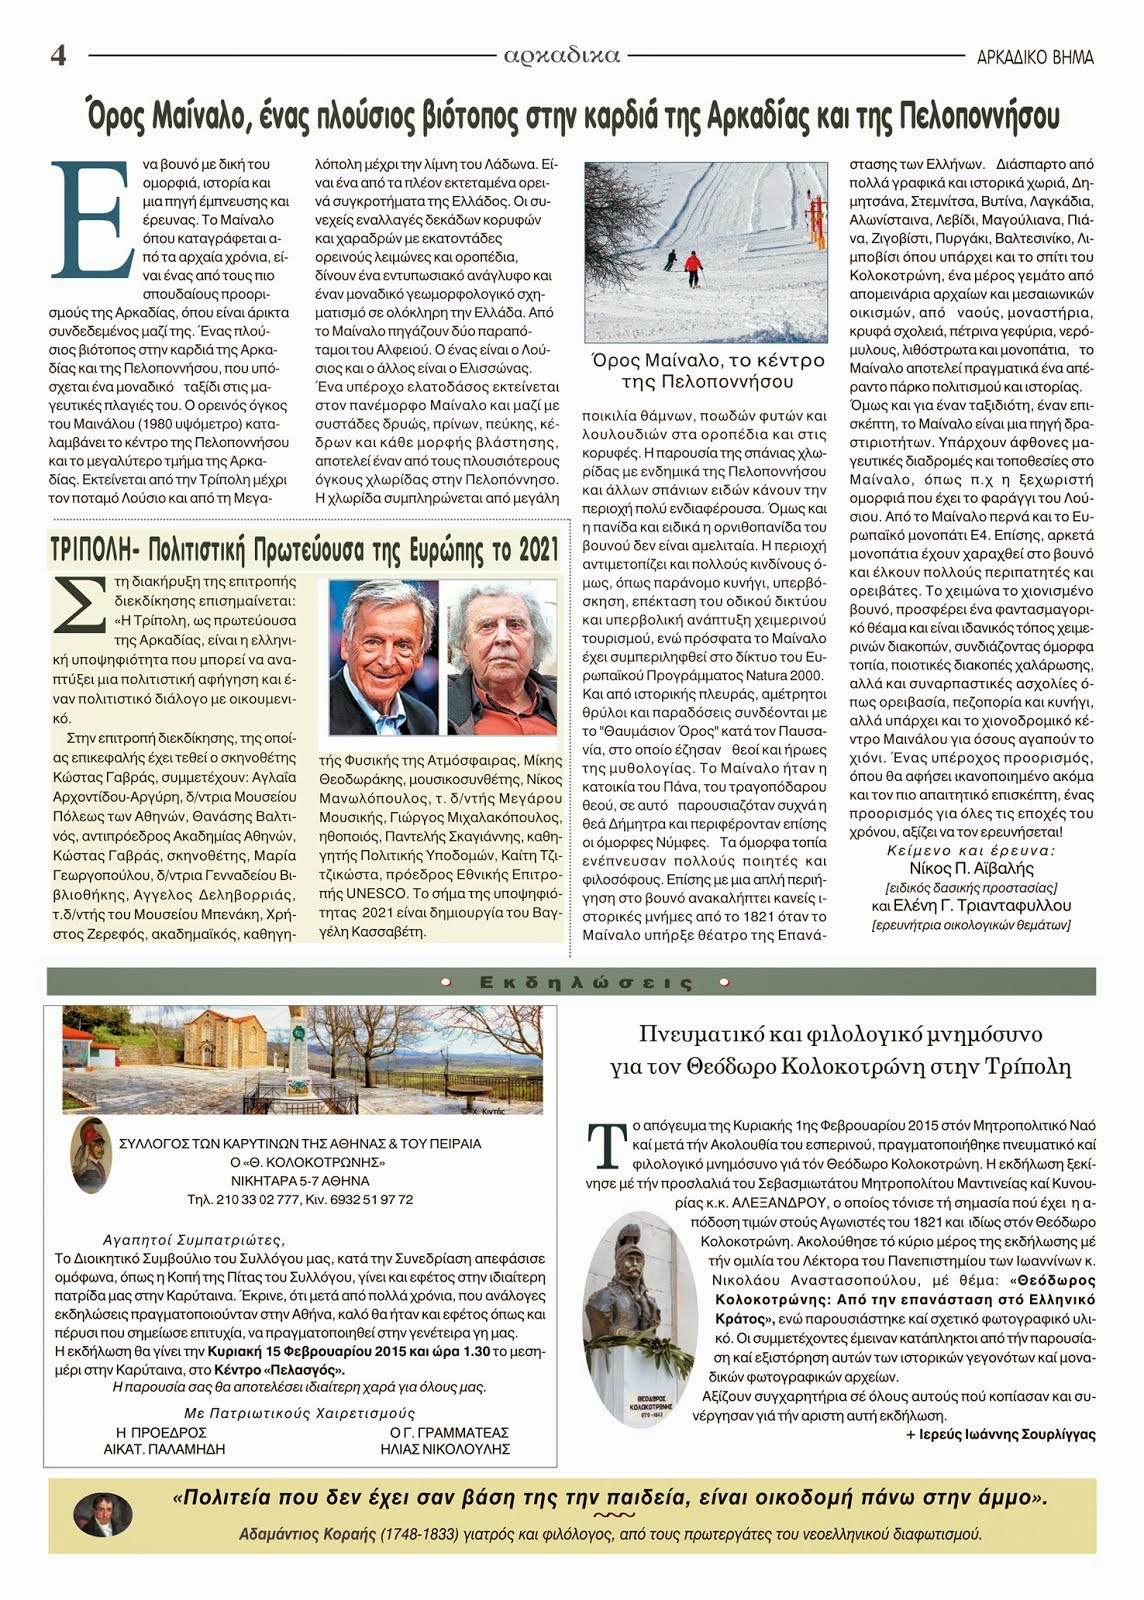 Όρος Μαίναλο, – ένας πλούσιος βιότοπος στην καρδιά της Αρκαδίας και της Πελοποννήσου